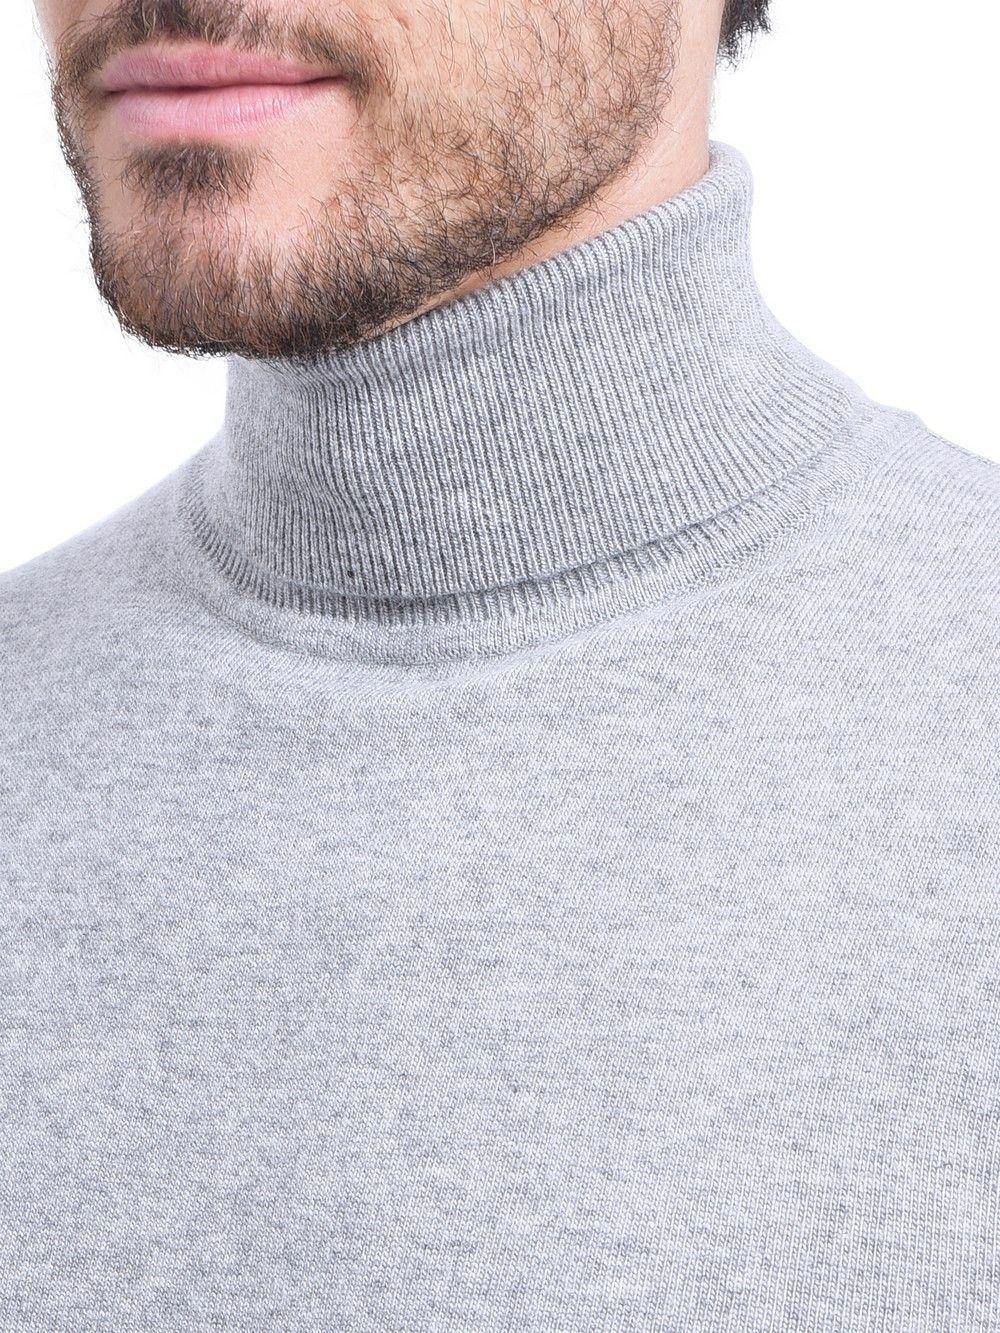 C&JO Turtleneck Sweater in Light Grey